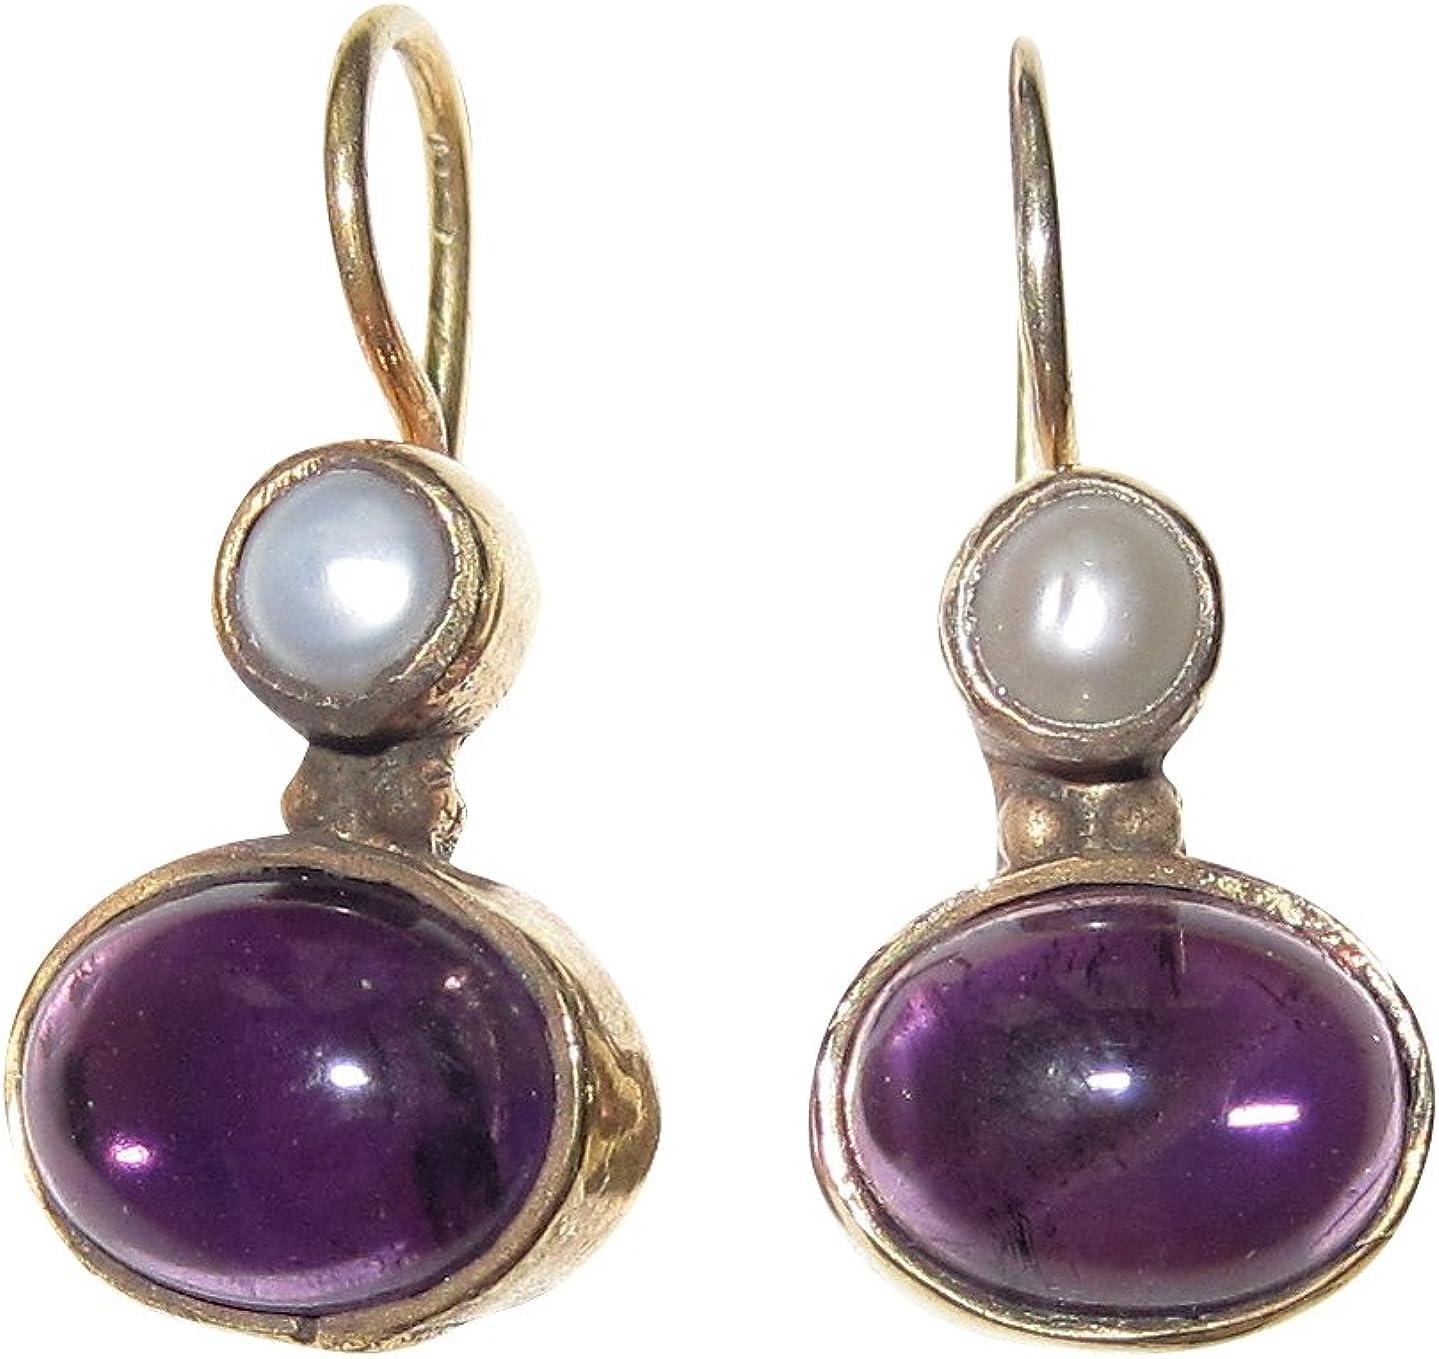 Pequeños pendientes de amatista púrpura perla de agua dulce colgante con cierre de plata chapada en oro, hecho a mano, retro, vintage, único, italiano, ligero y elegante